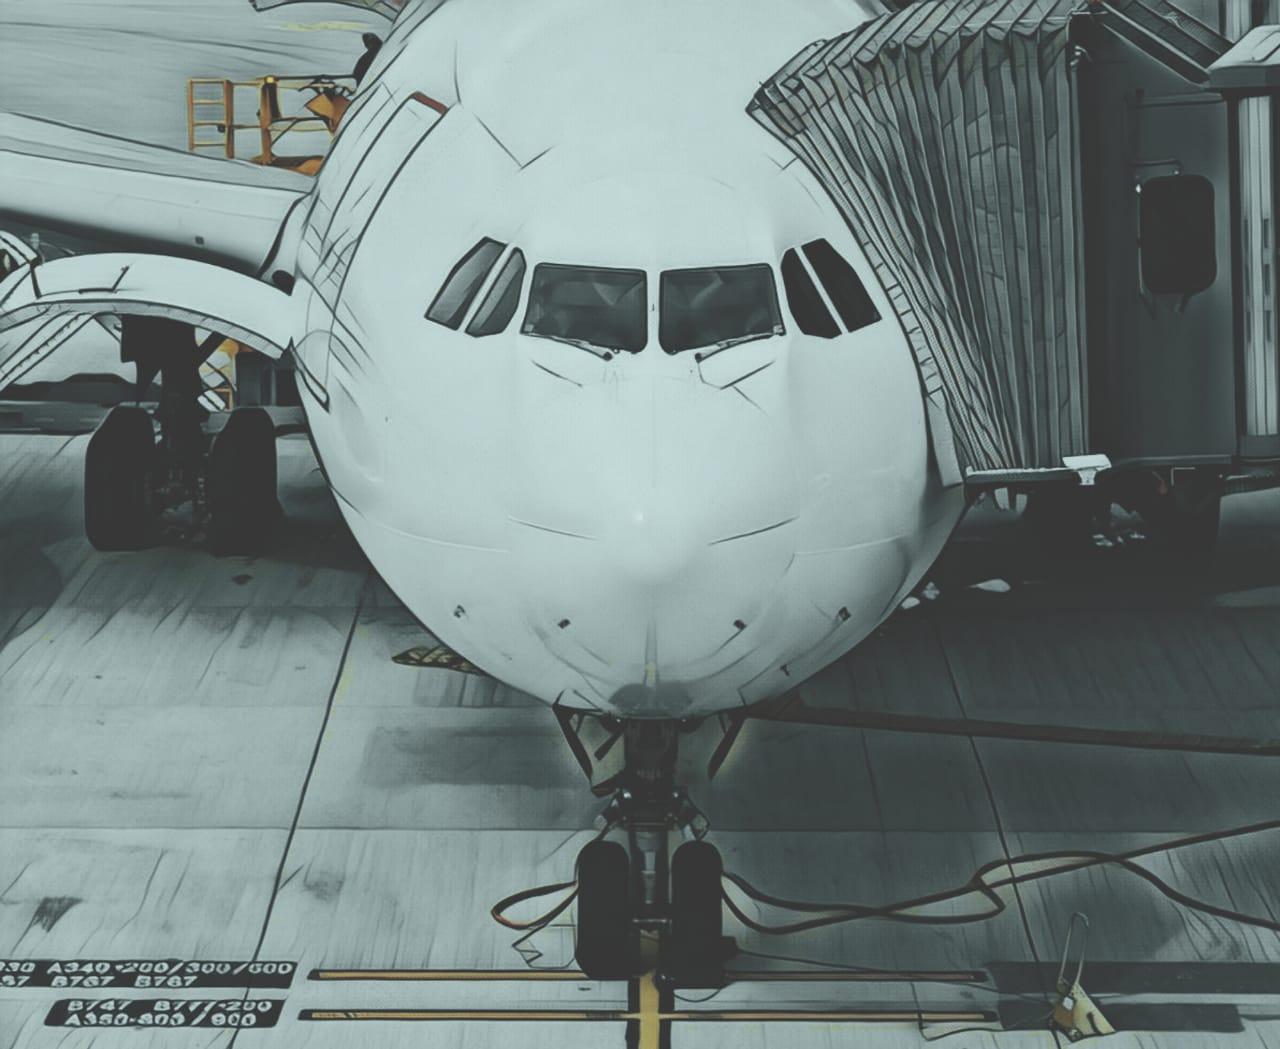 https: img-o.okeinfo.net content 2019 05 24 320 2060151 fakta-menarik-turunnya-harga-tiket-pesawat-garuda-pun-merugi-mbIKgpCeAR.jpg